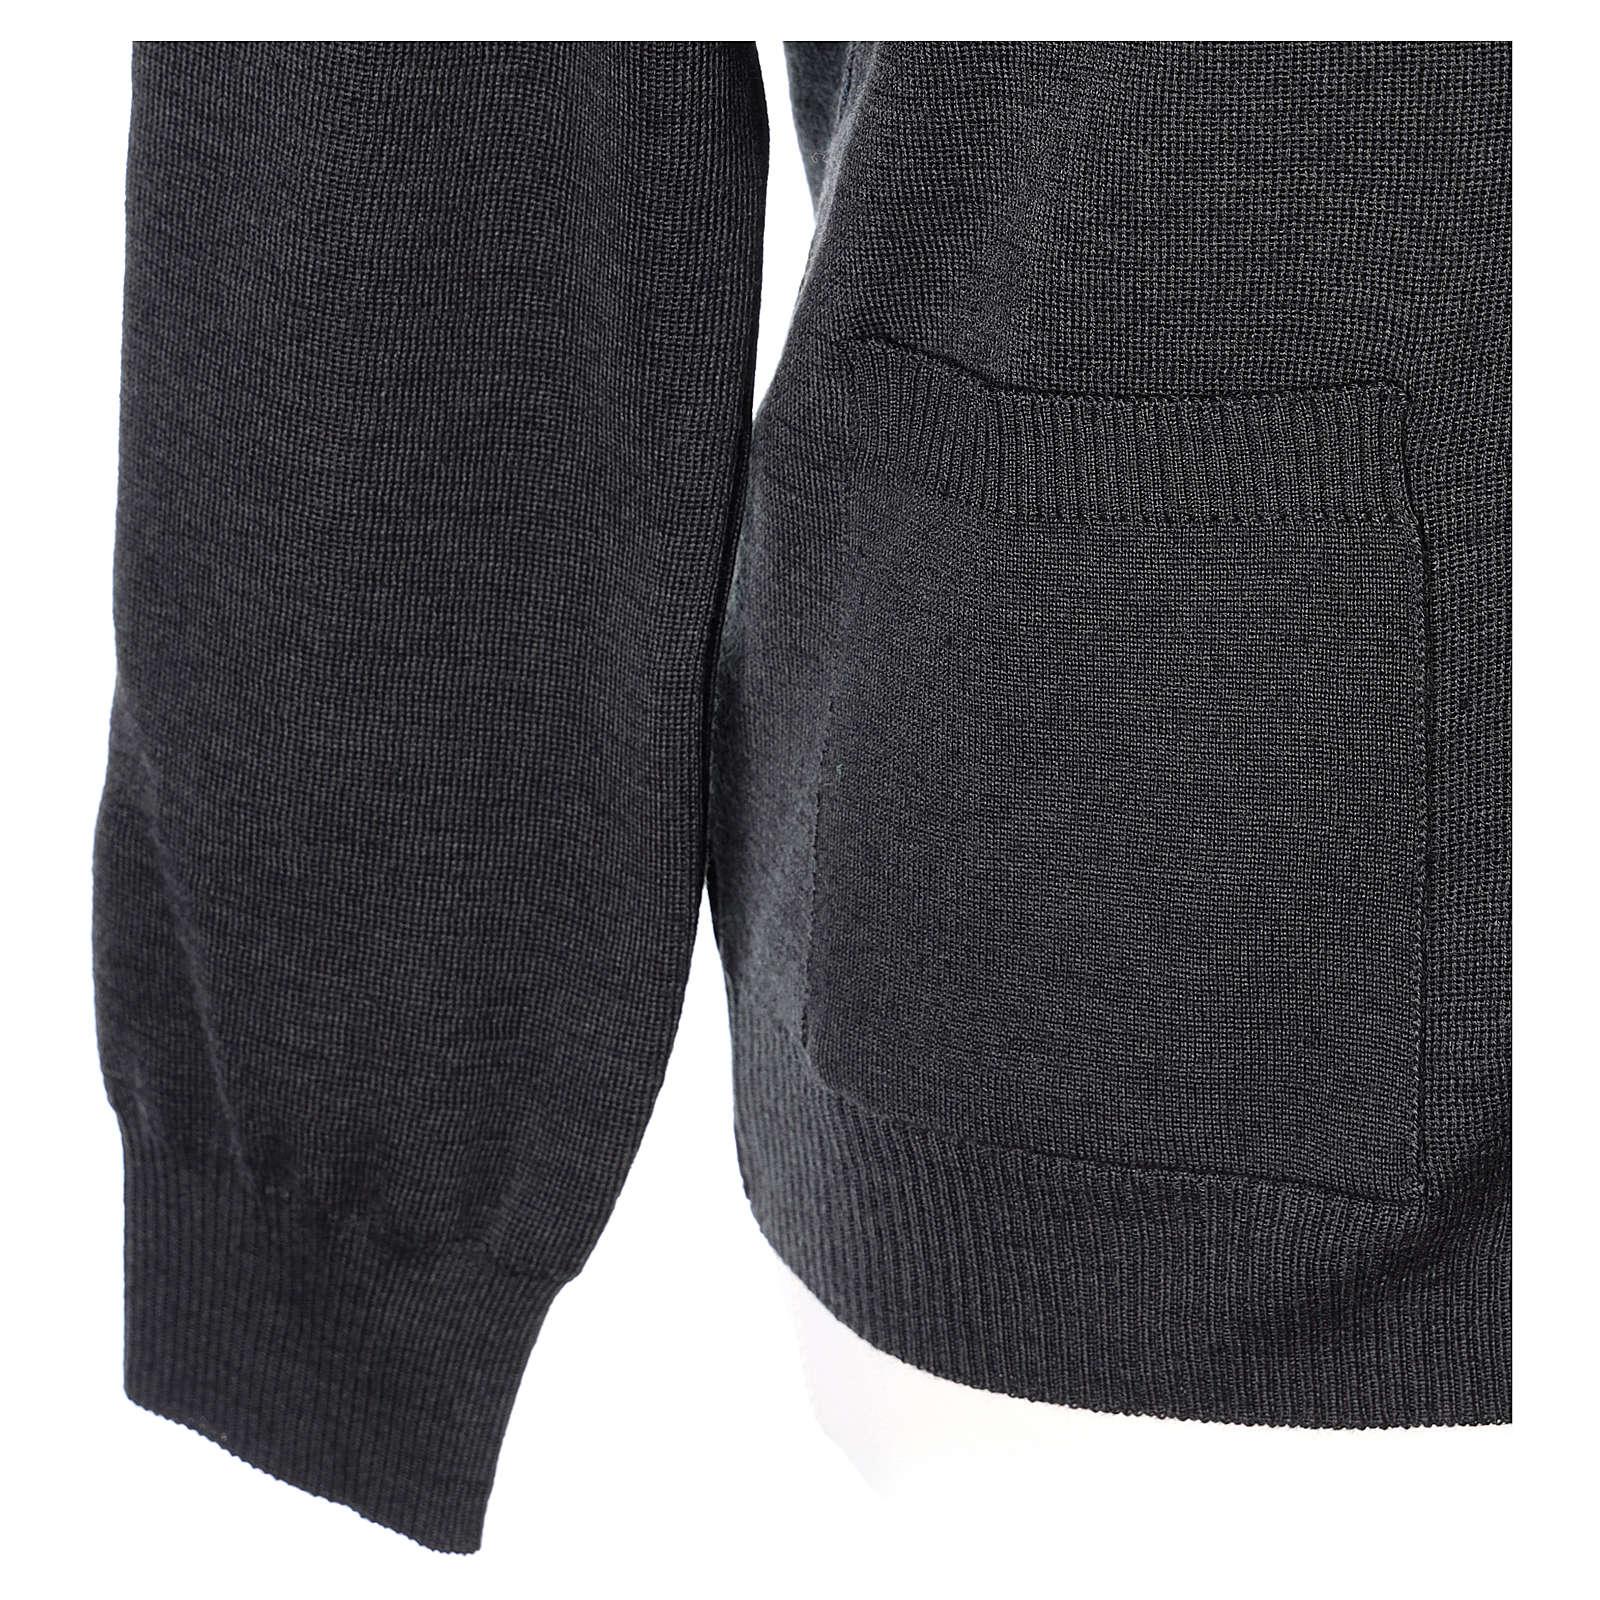 Giacca sacerdote antracite tasche e bottoni 50% lana merino 50% acrilico In Primis 4